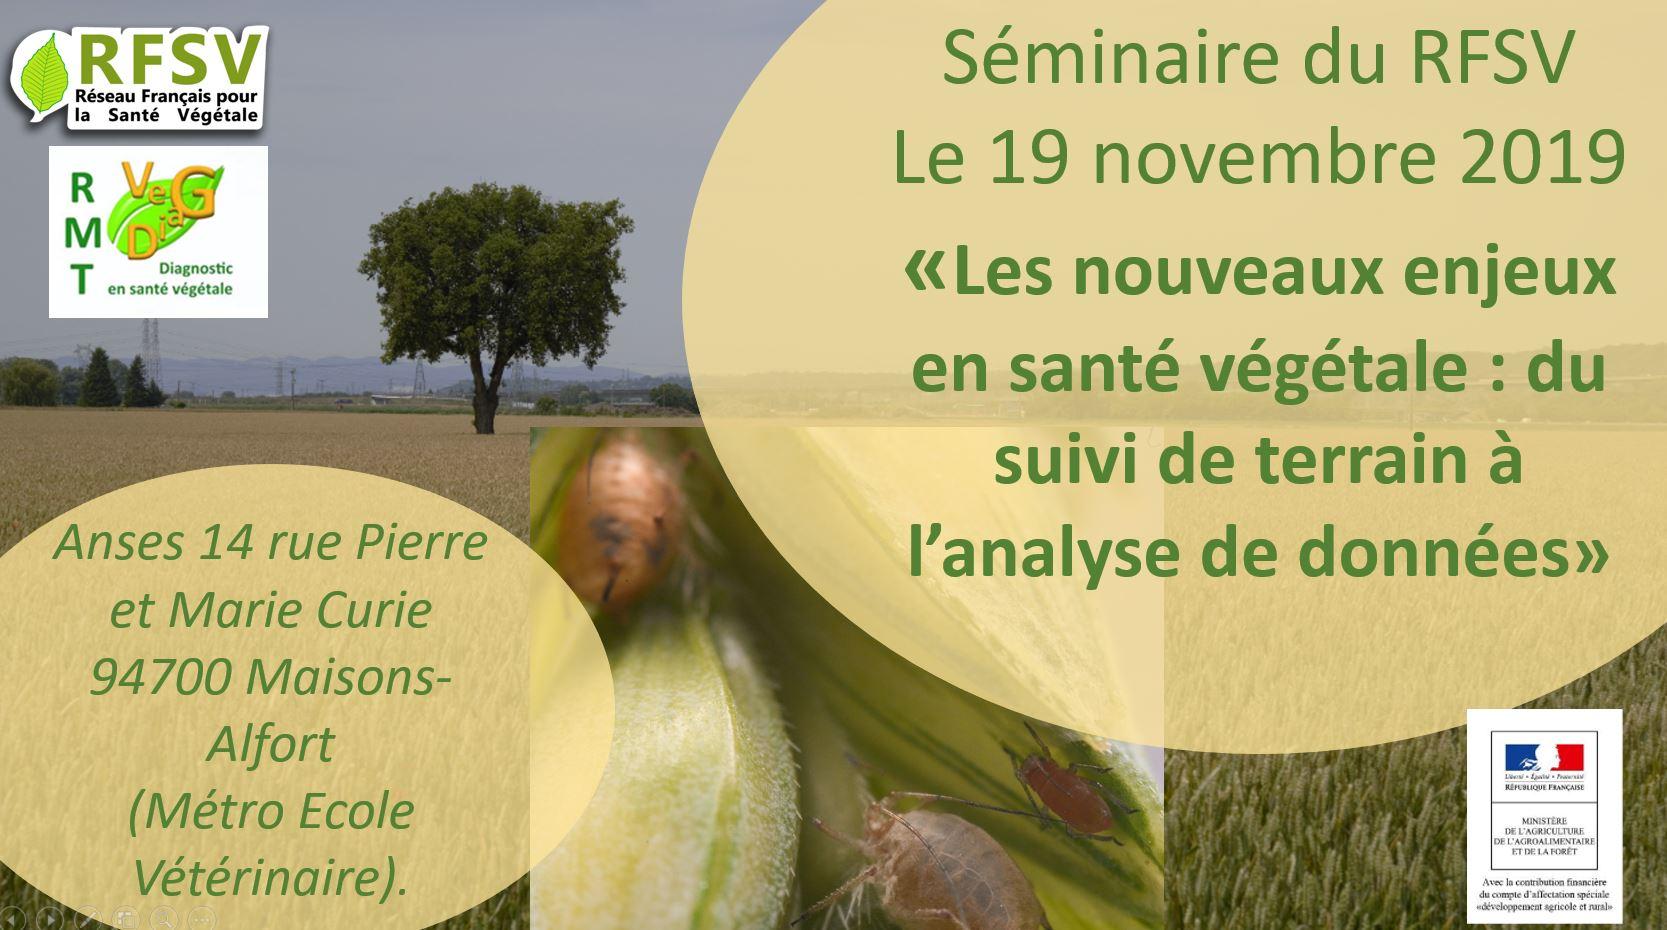 affiche séminaire RFSV 19/11/2019